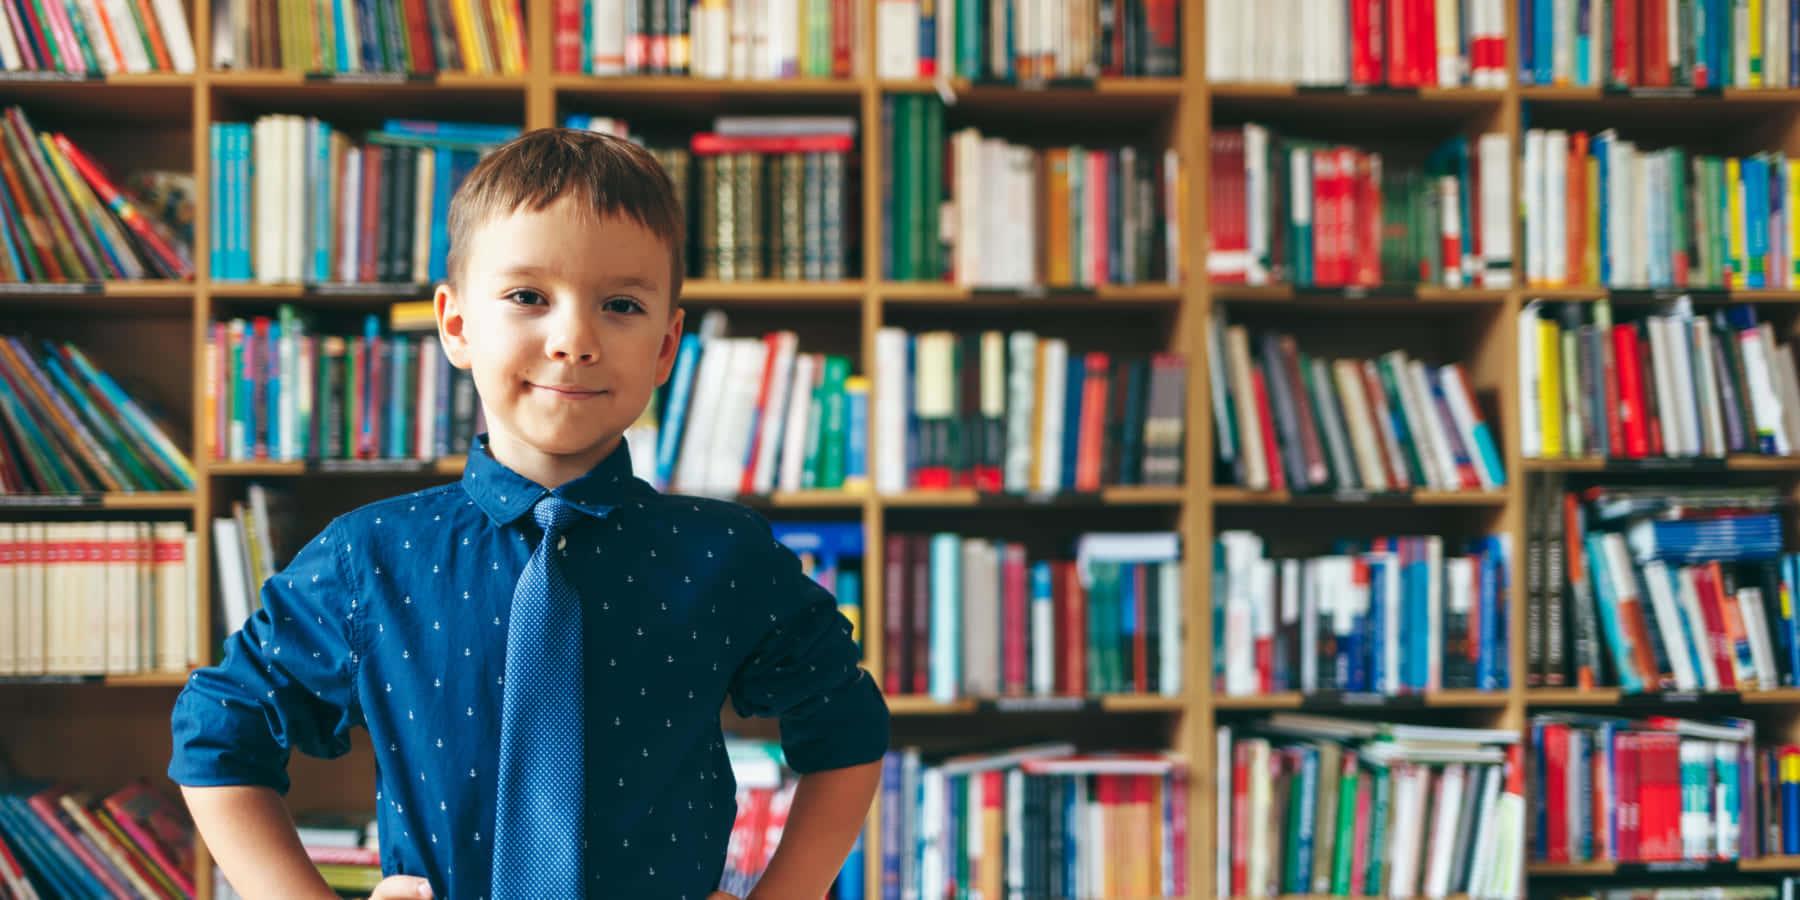 ファッションアイテムを貸し出す、ニューヨークの公共図書館